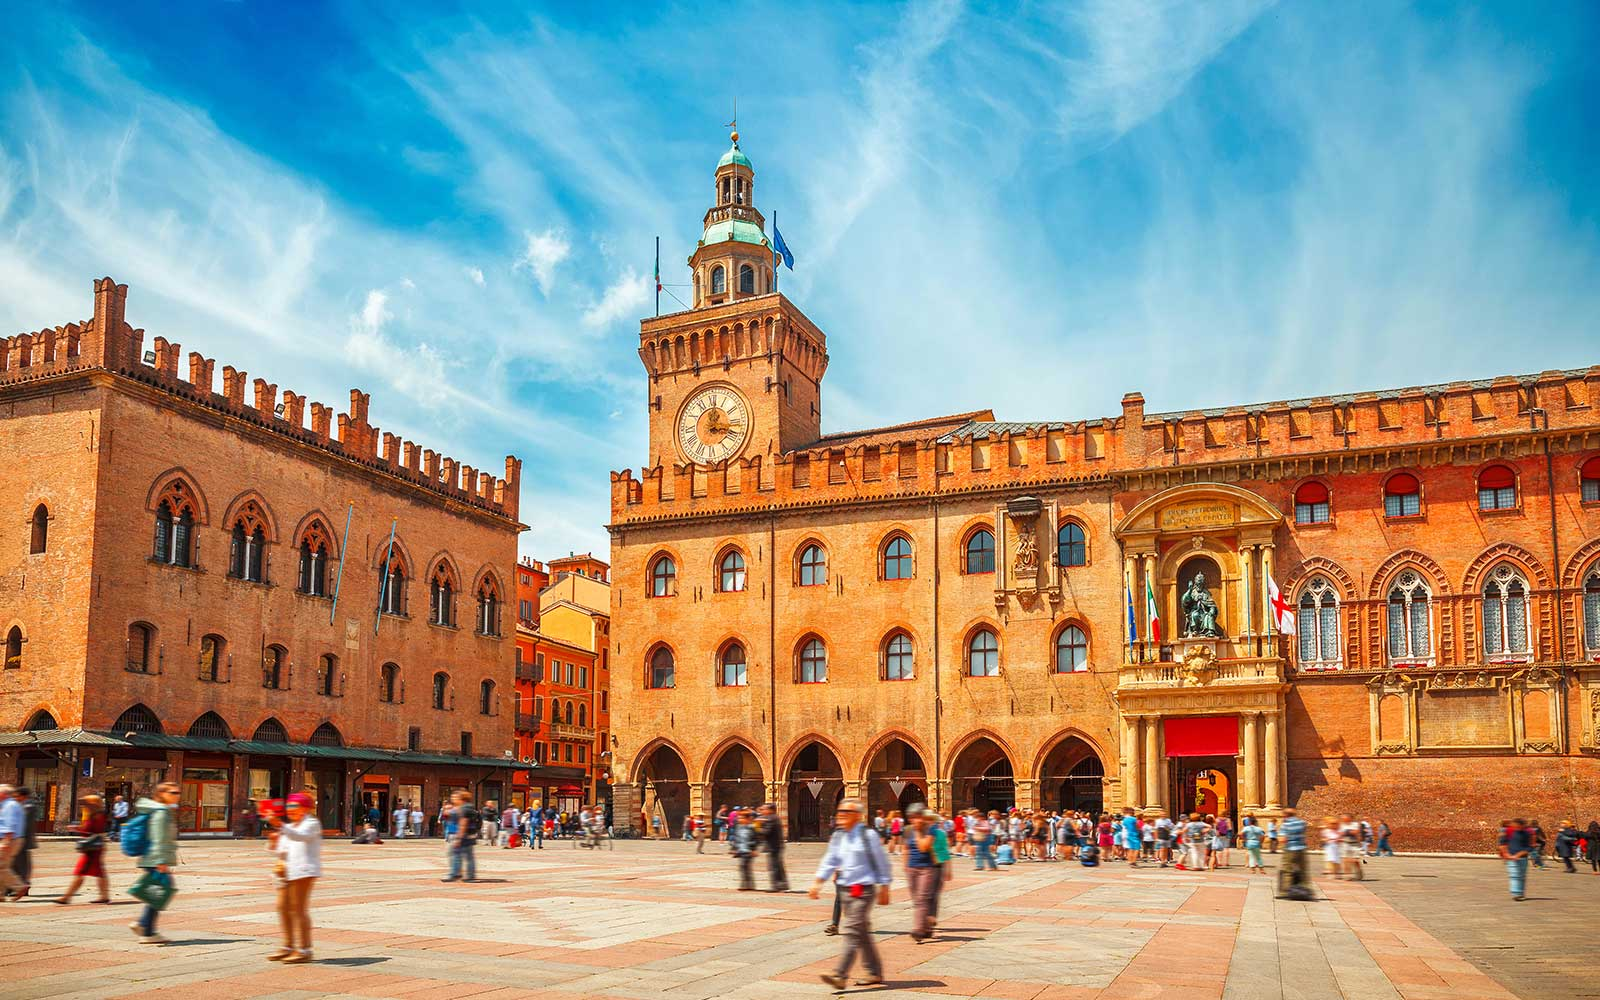 Palazzo d'Accursio nella Piazza Maggiore di Bologna